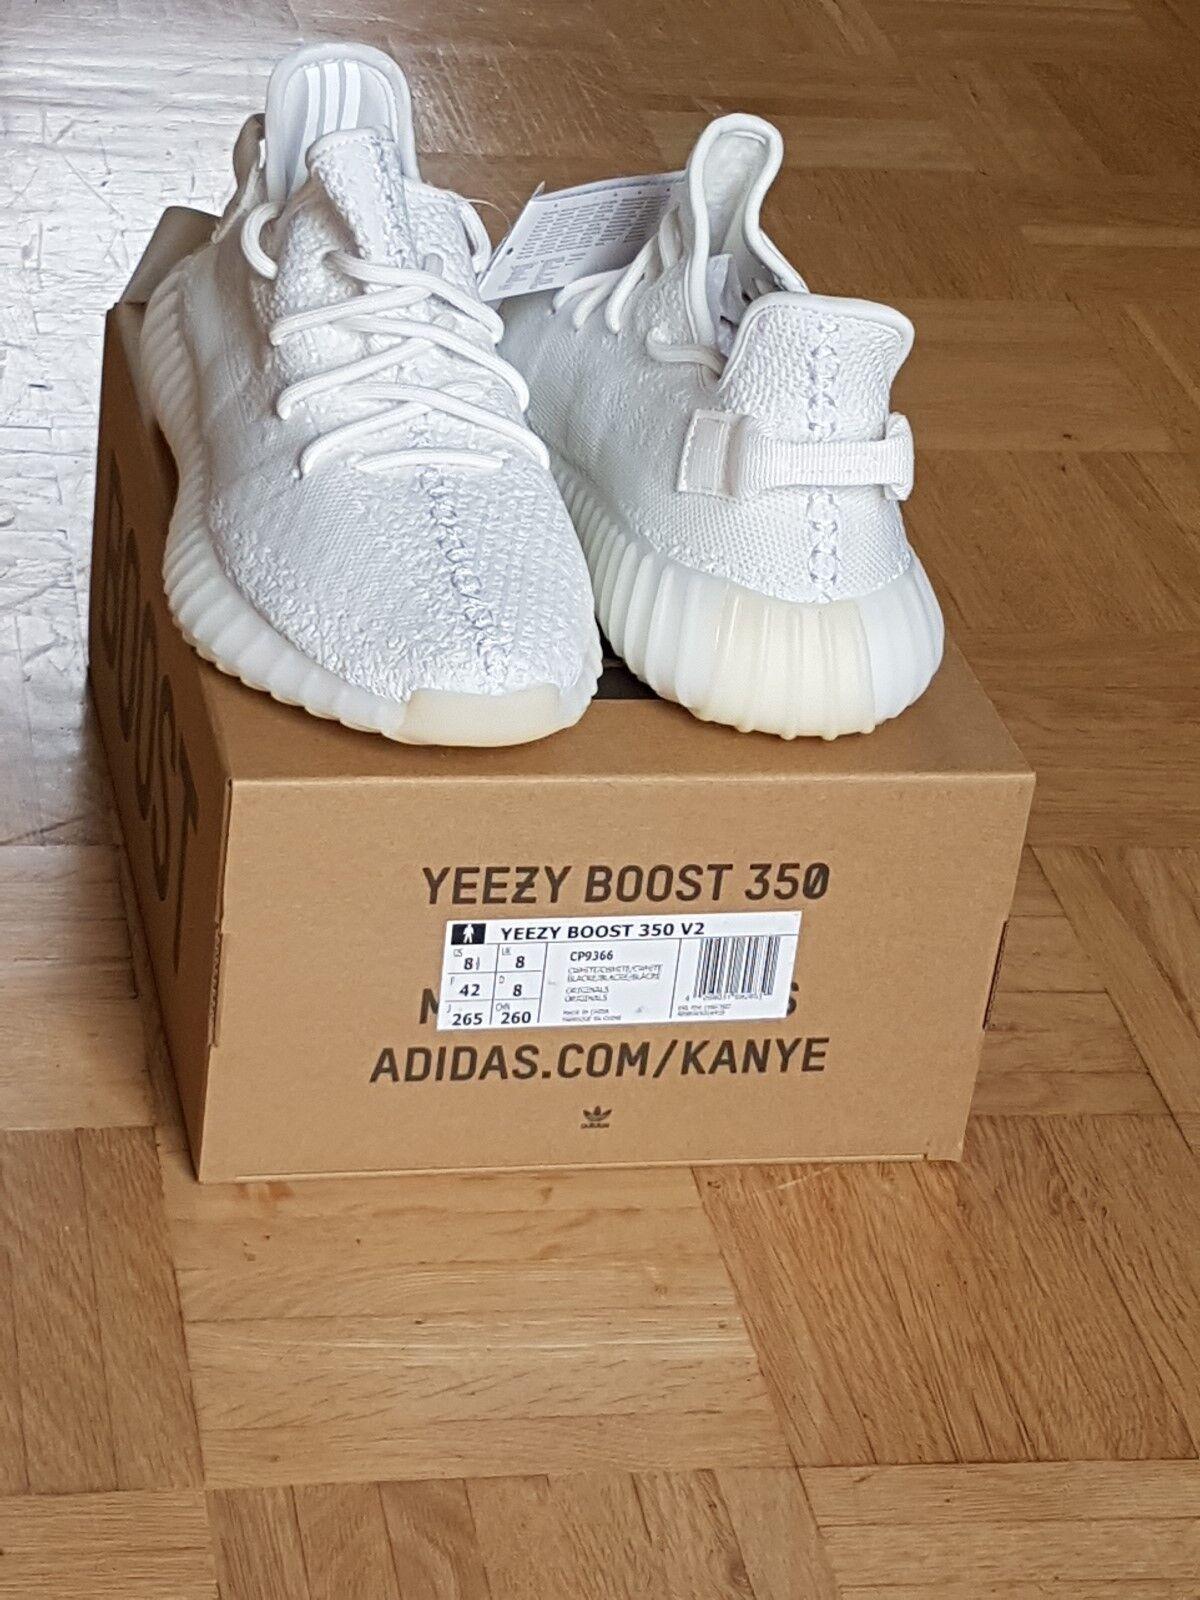 Adidas Yeezy Boost 350 V2 Cream White,100% Original, Limited Edition Größe: 42